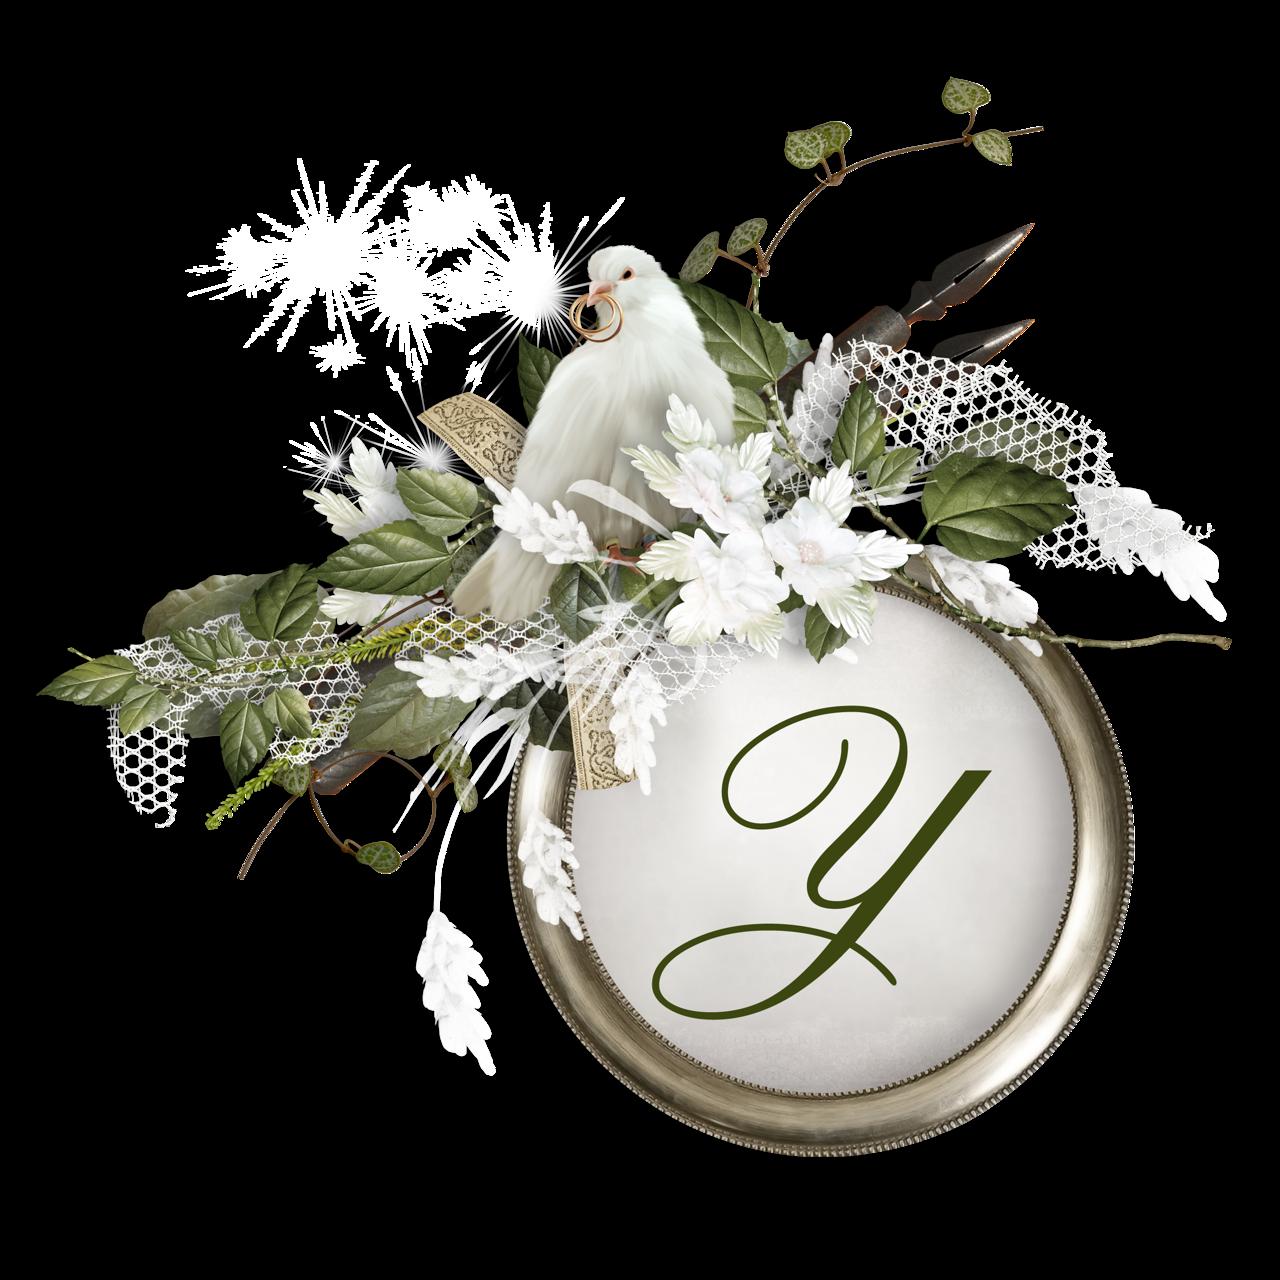 Днем, 38 лет свадьбы какая свадьба что дарят поздравления